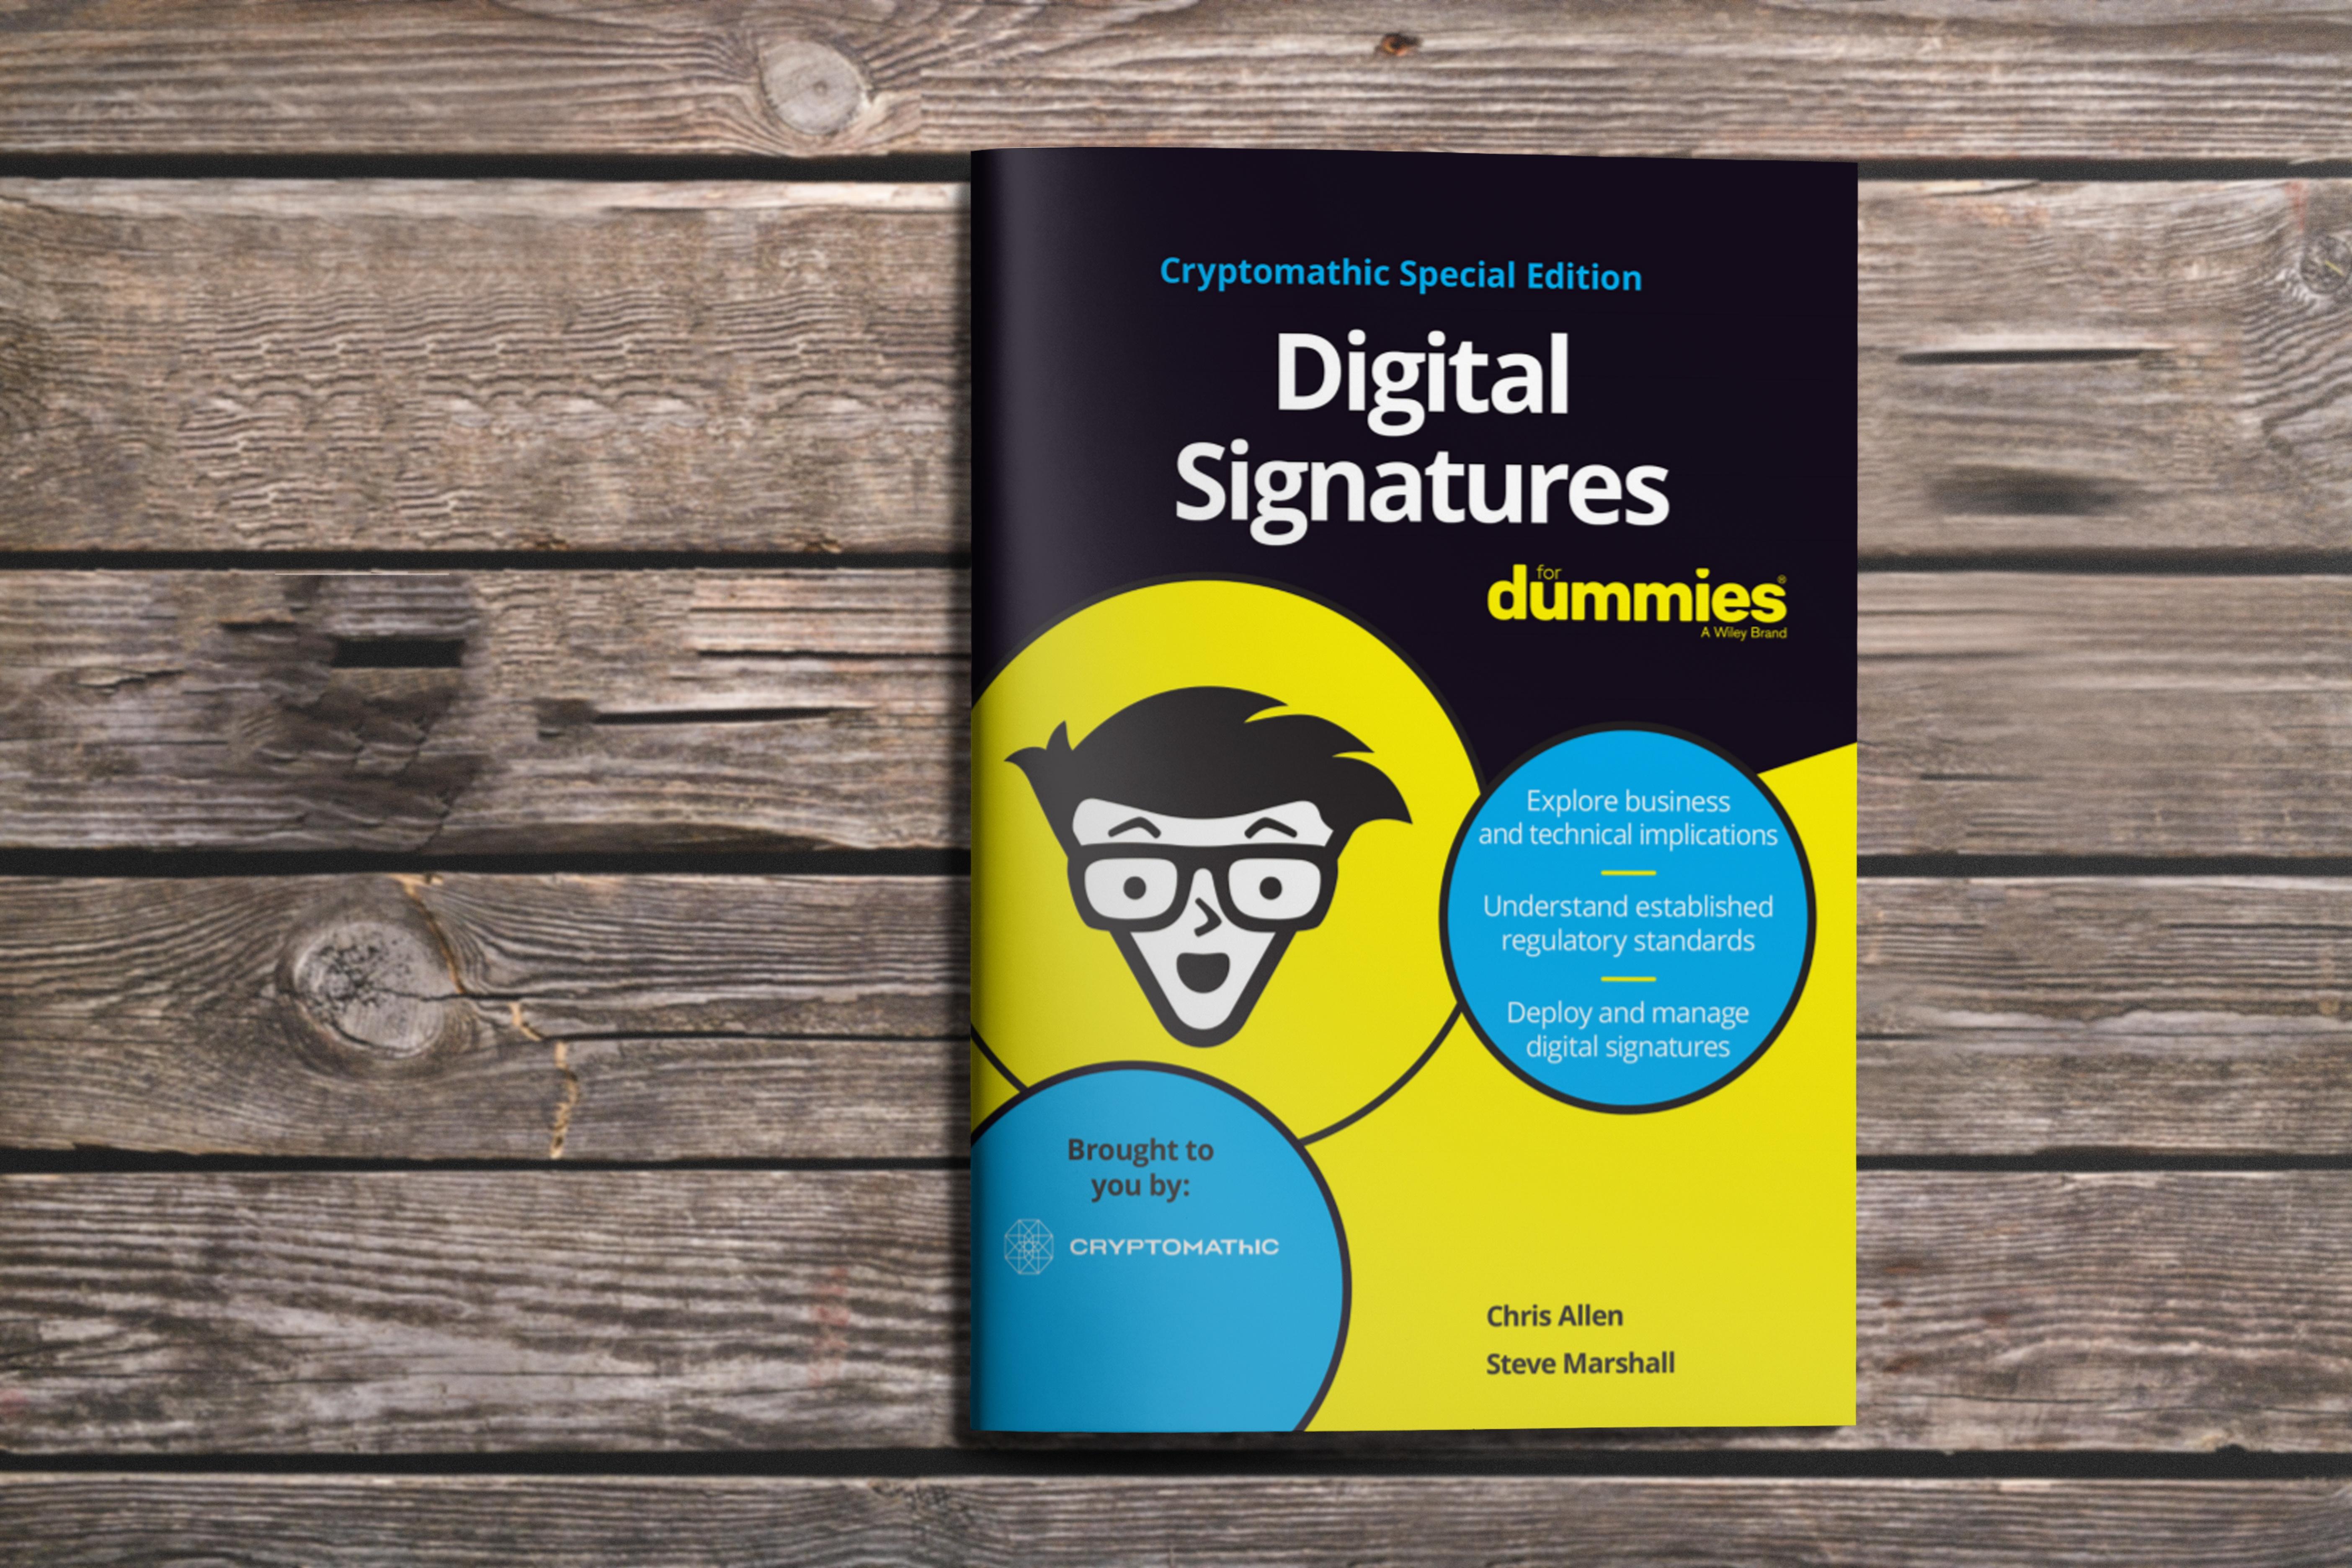 wood-background-book-dummies - hi res.jpg